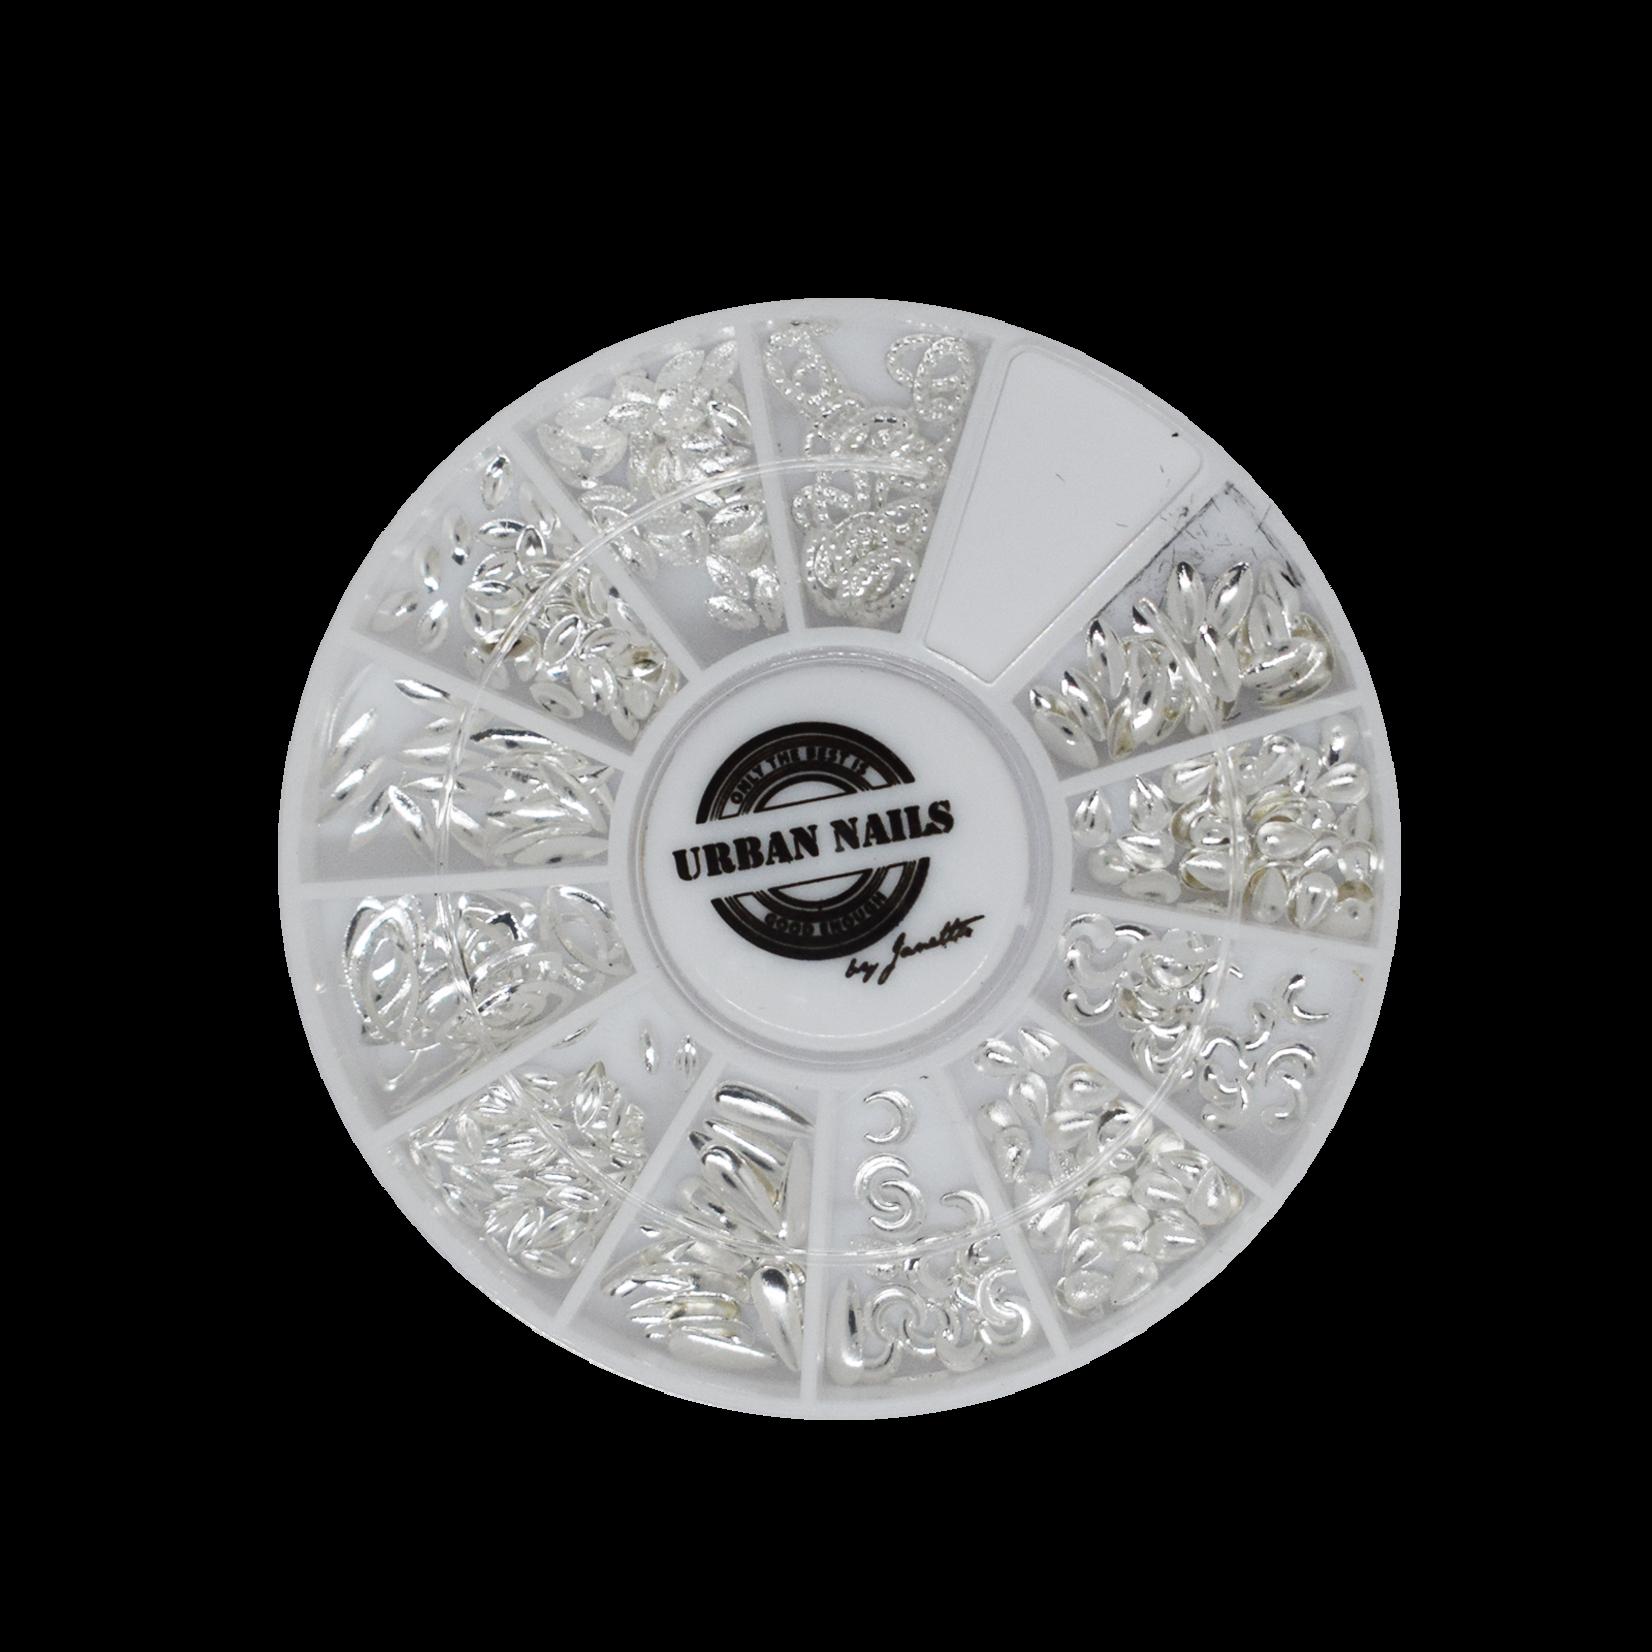 Urban Nails Juwheels JW20 Silver